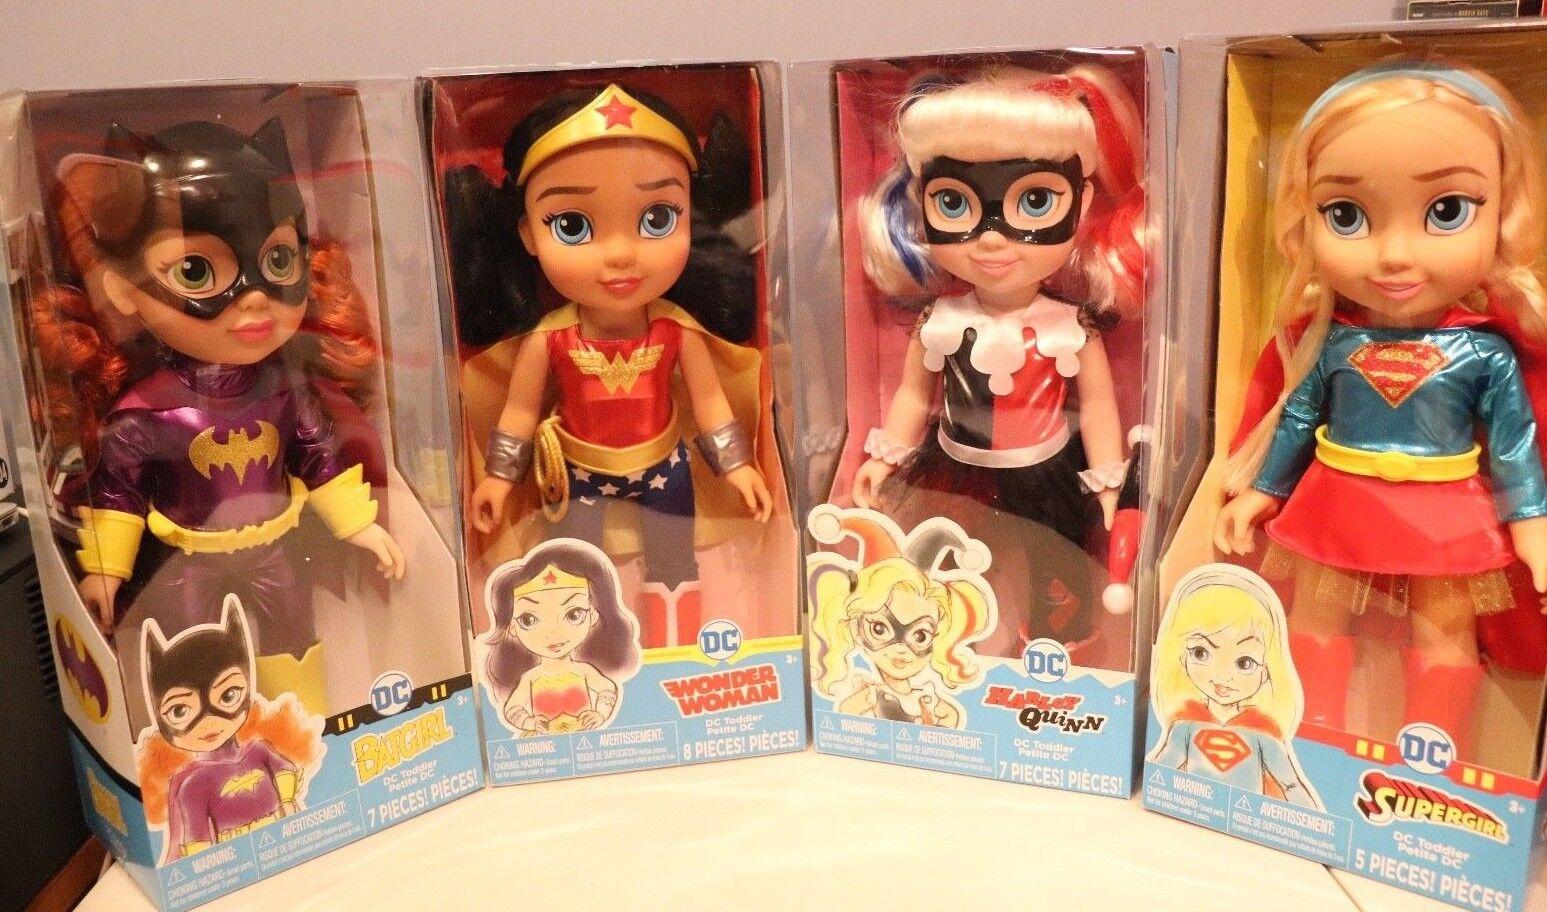 DC Toddler bambolas-Wonder donna, BatGirl,  SuperGirl & Harley Quinn RARE     acquista la qualità autentica al 100%